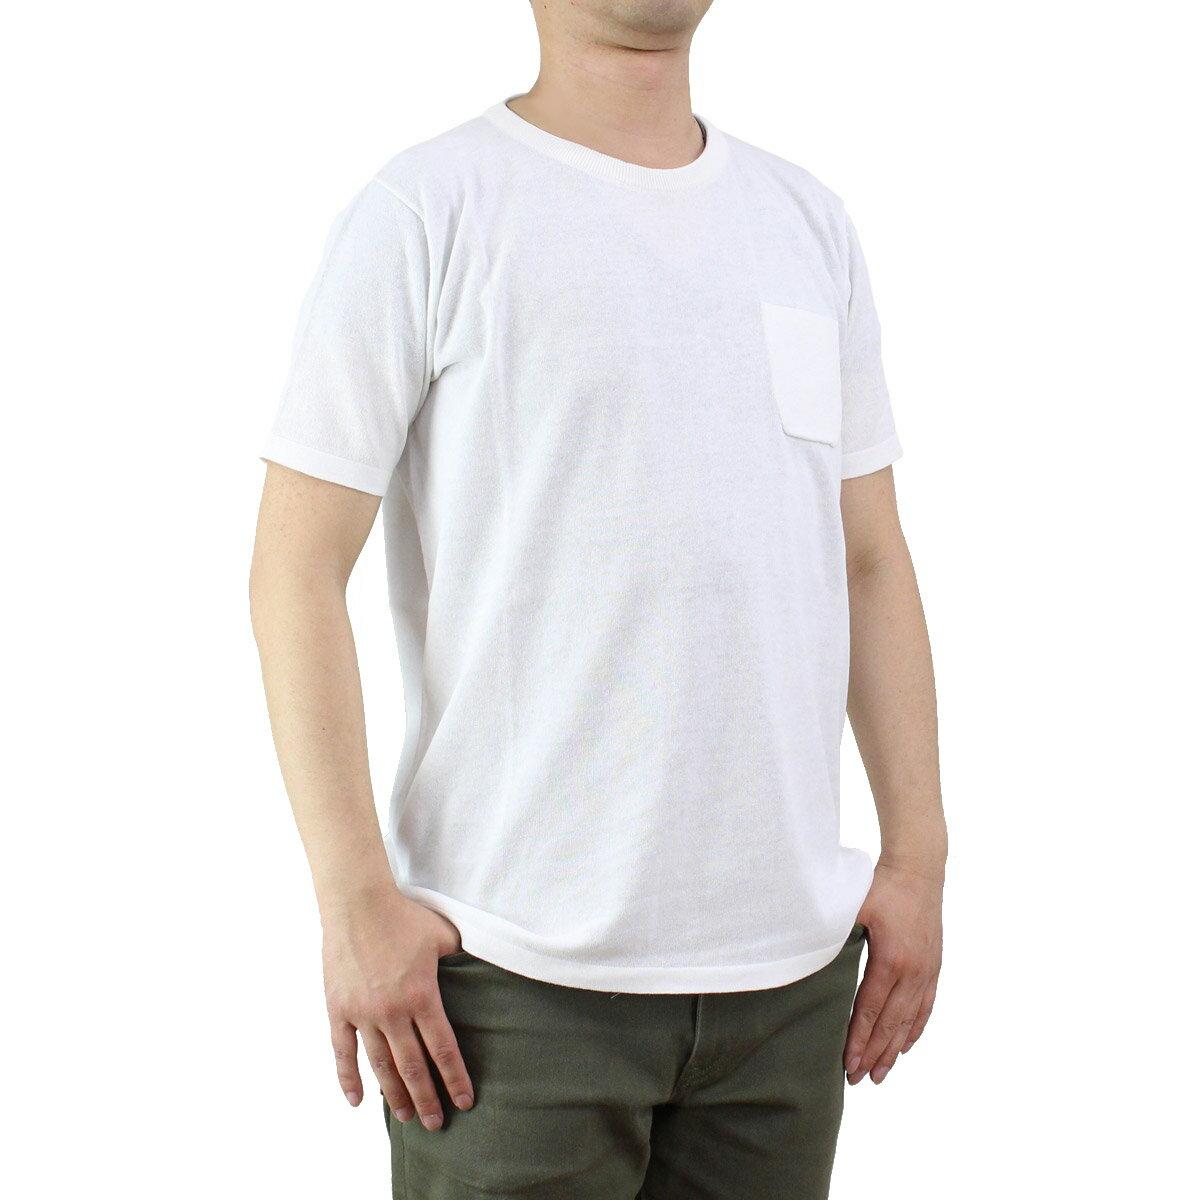 バーク Bark メンズ 半袖 サマー セーター 71B6006 281 OFF-WHITE ホワイト系 【メンズ】